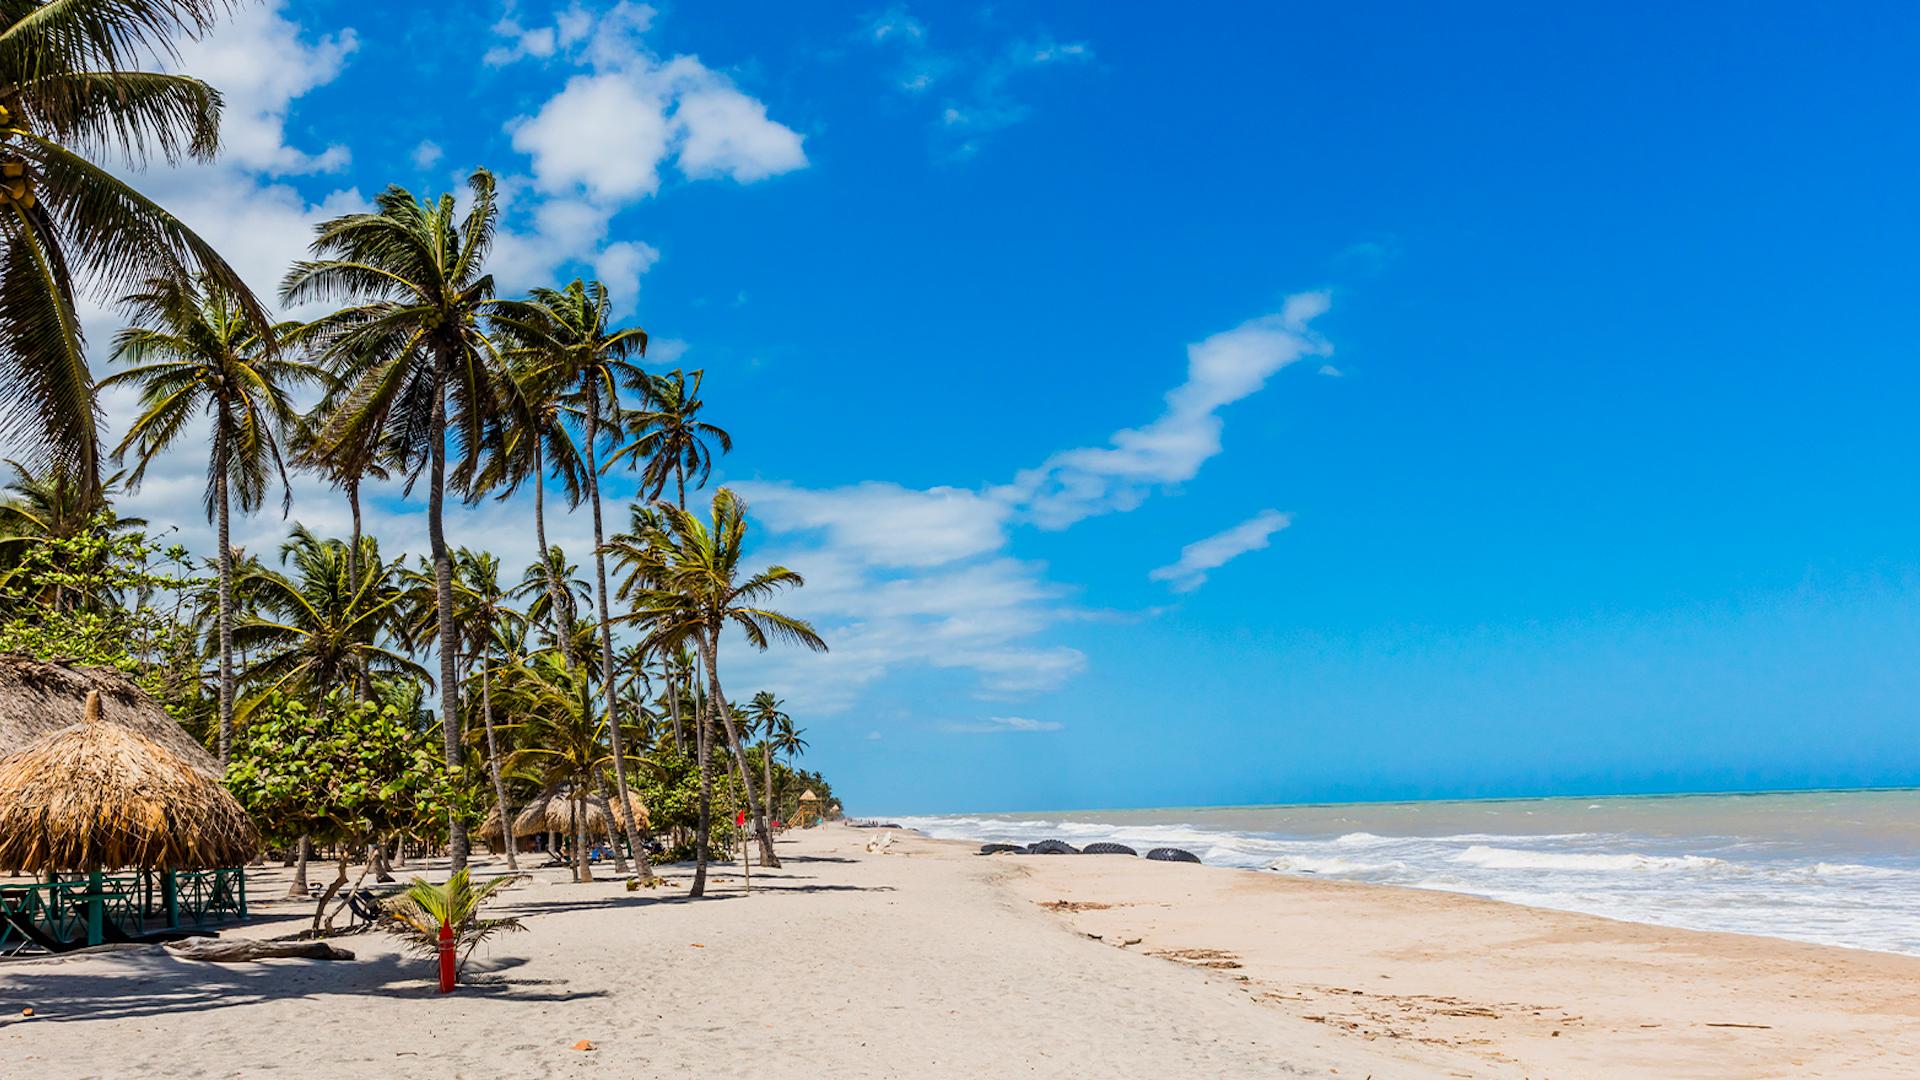 Viajar a Colombia: las tres mejores playas para desconectarse